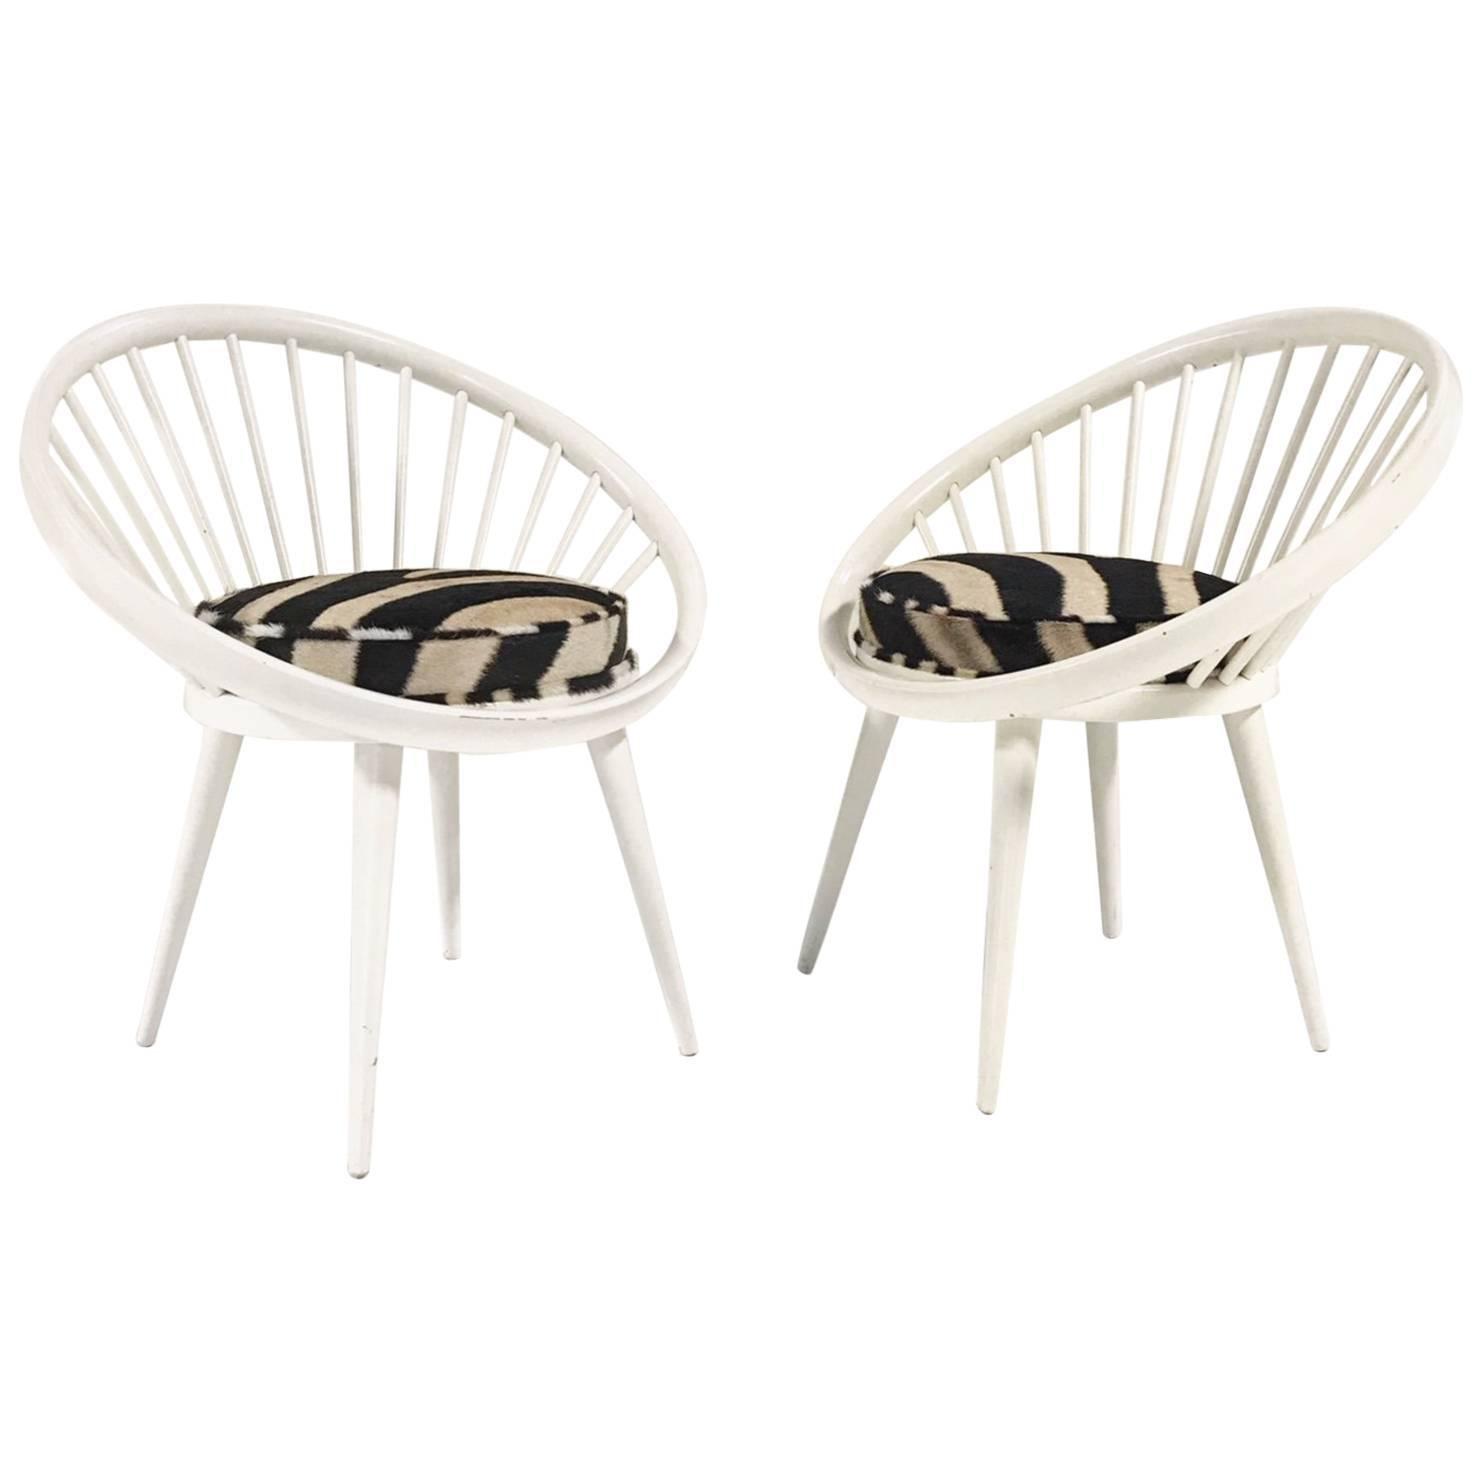 Vintage Pair of Yngve Ekstrom Circle Chairs Reupholstered in Zebra Hide